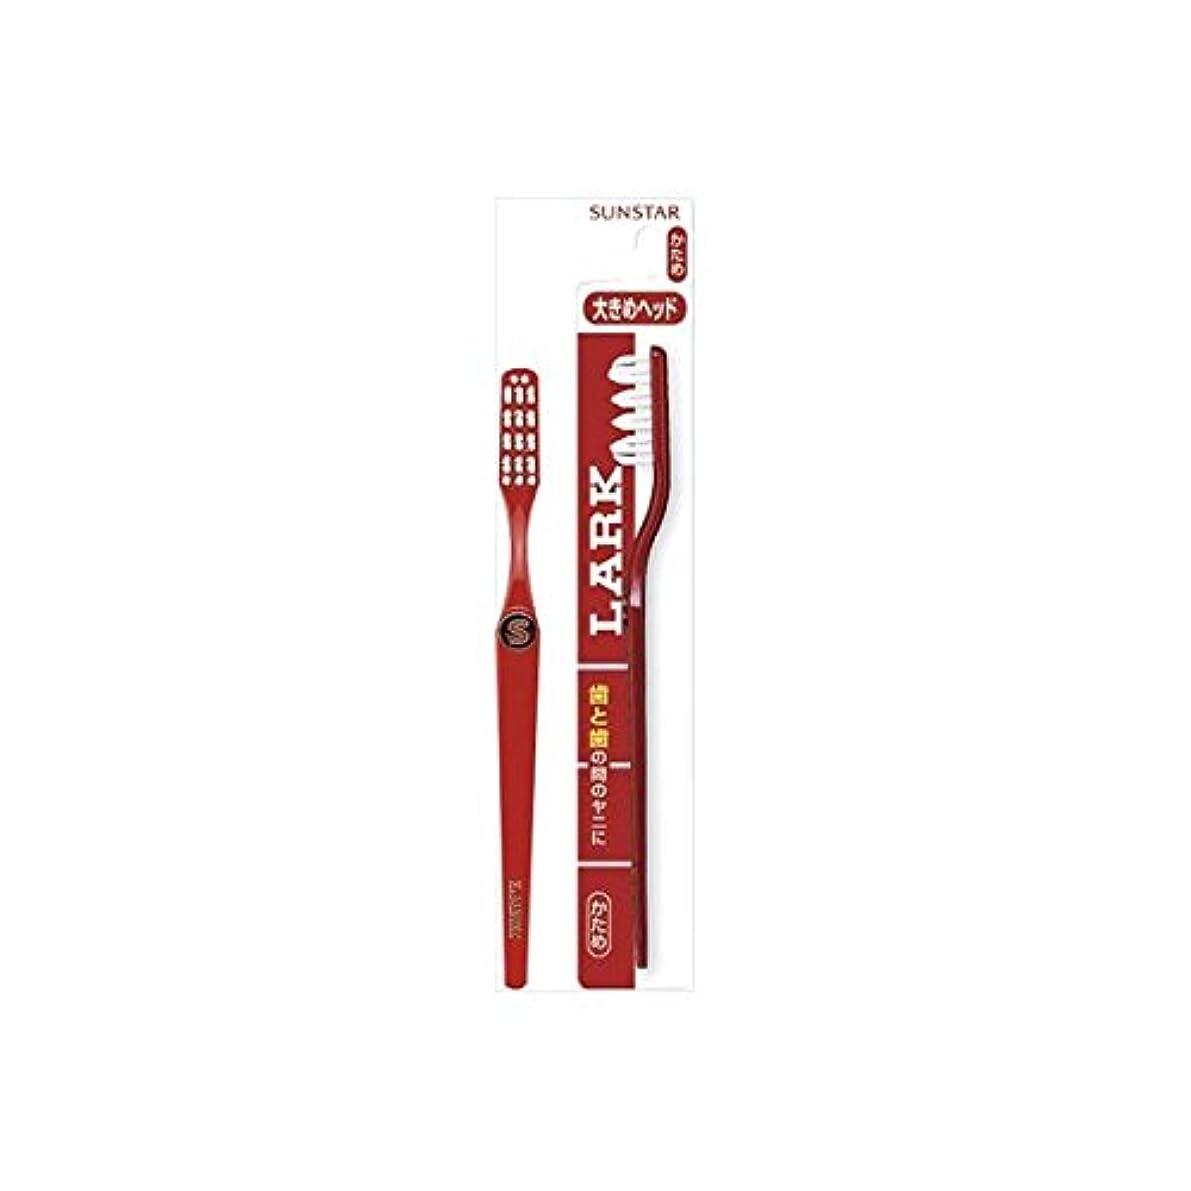 モーテルラテンせっかちサンスター ラーク 歯ブラシ レギュラーヘッド × 6 点セット